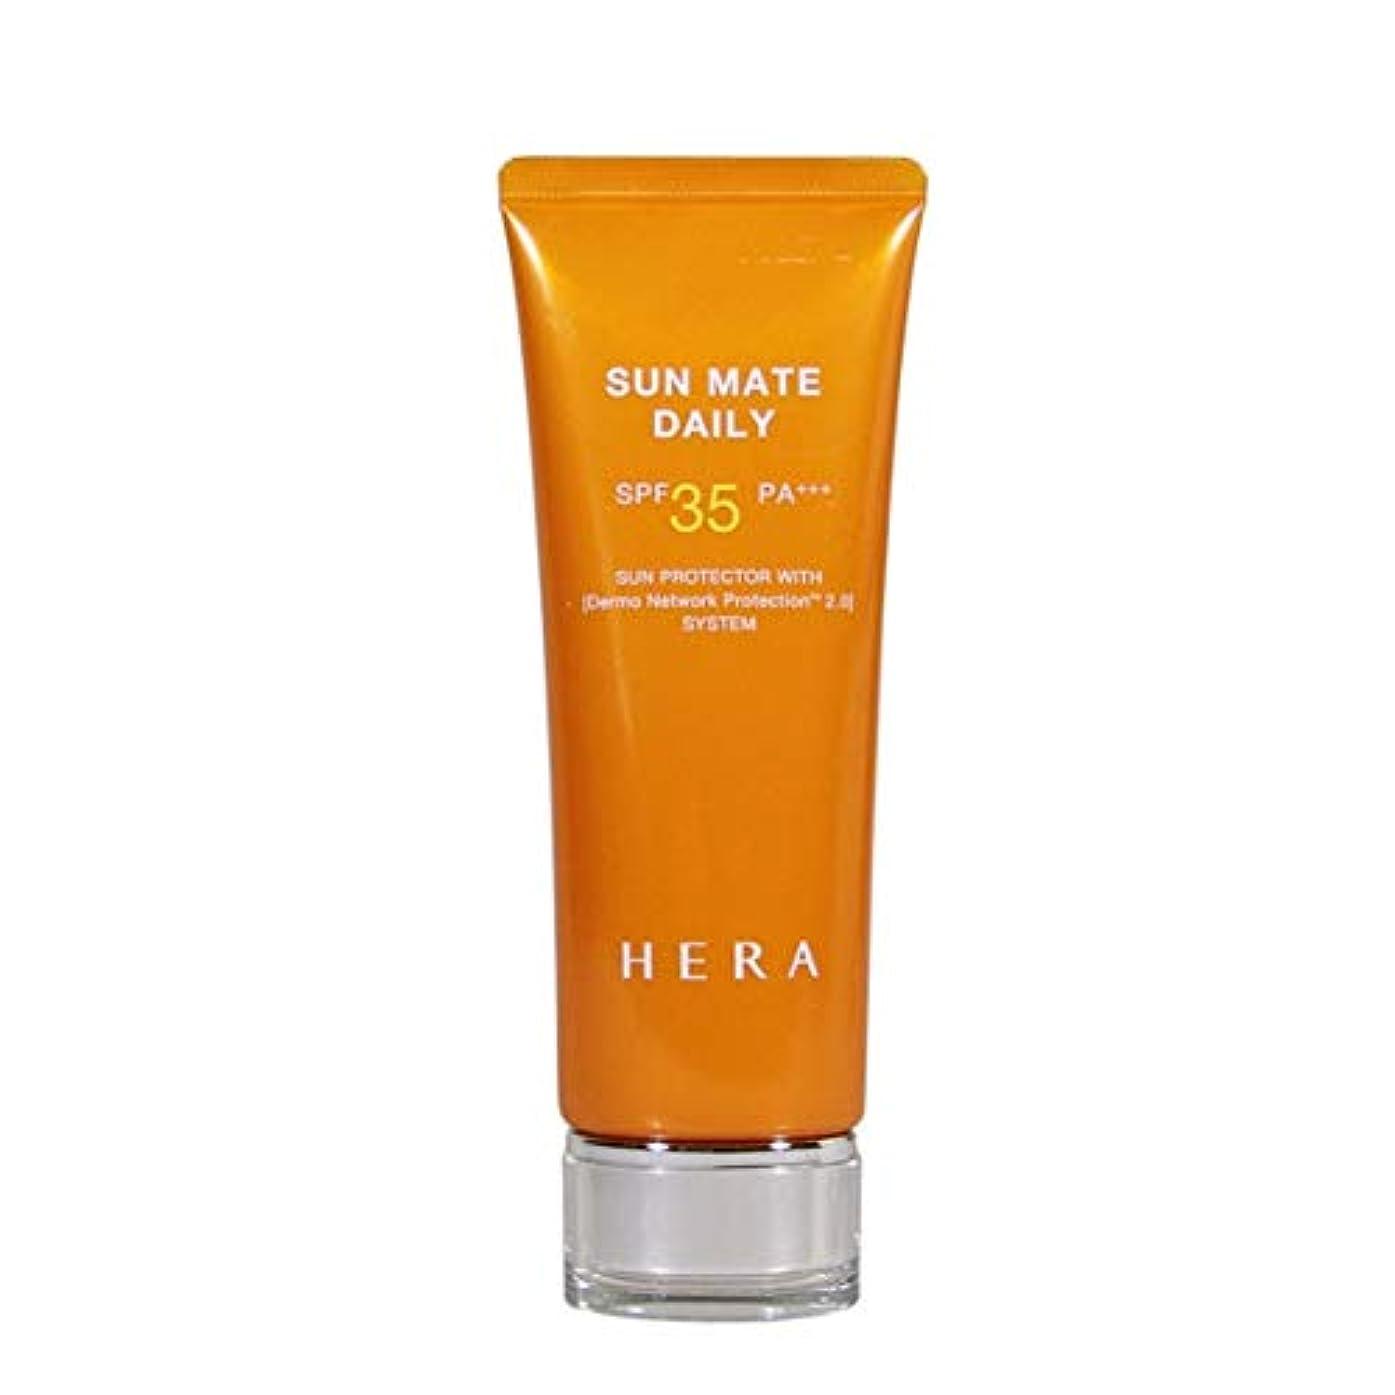 熟達した錆び通訳ヘラサンメイトデイリー70mlサンクリーム韓国コスメ、Hera Sun Mate Daily 70ml Sun Cream Korean Cosmetics [並行輸入品]